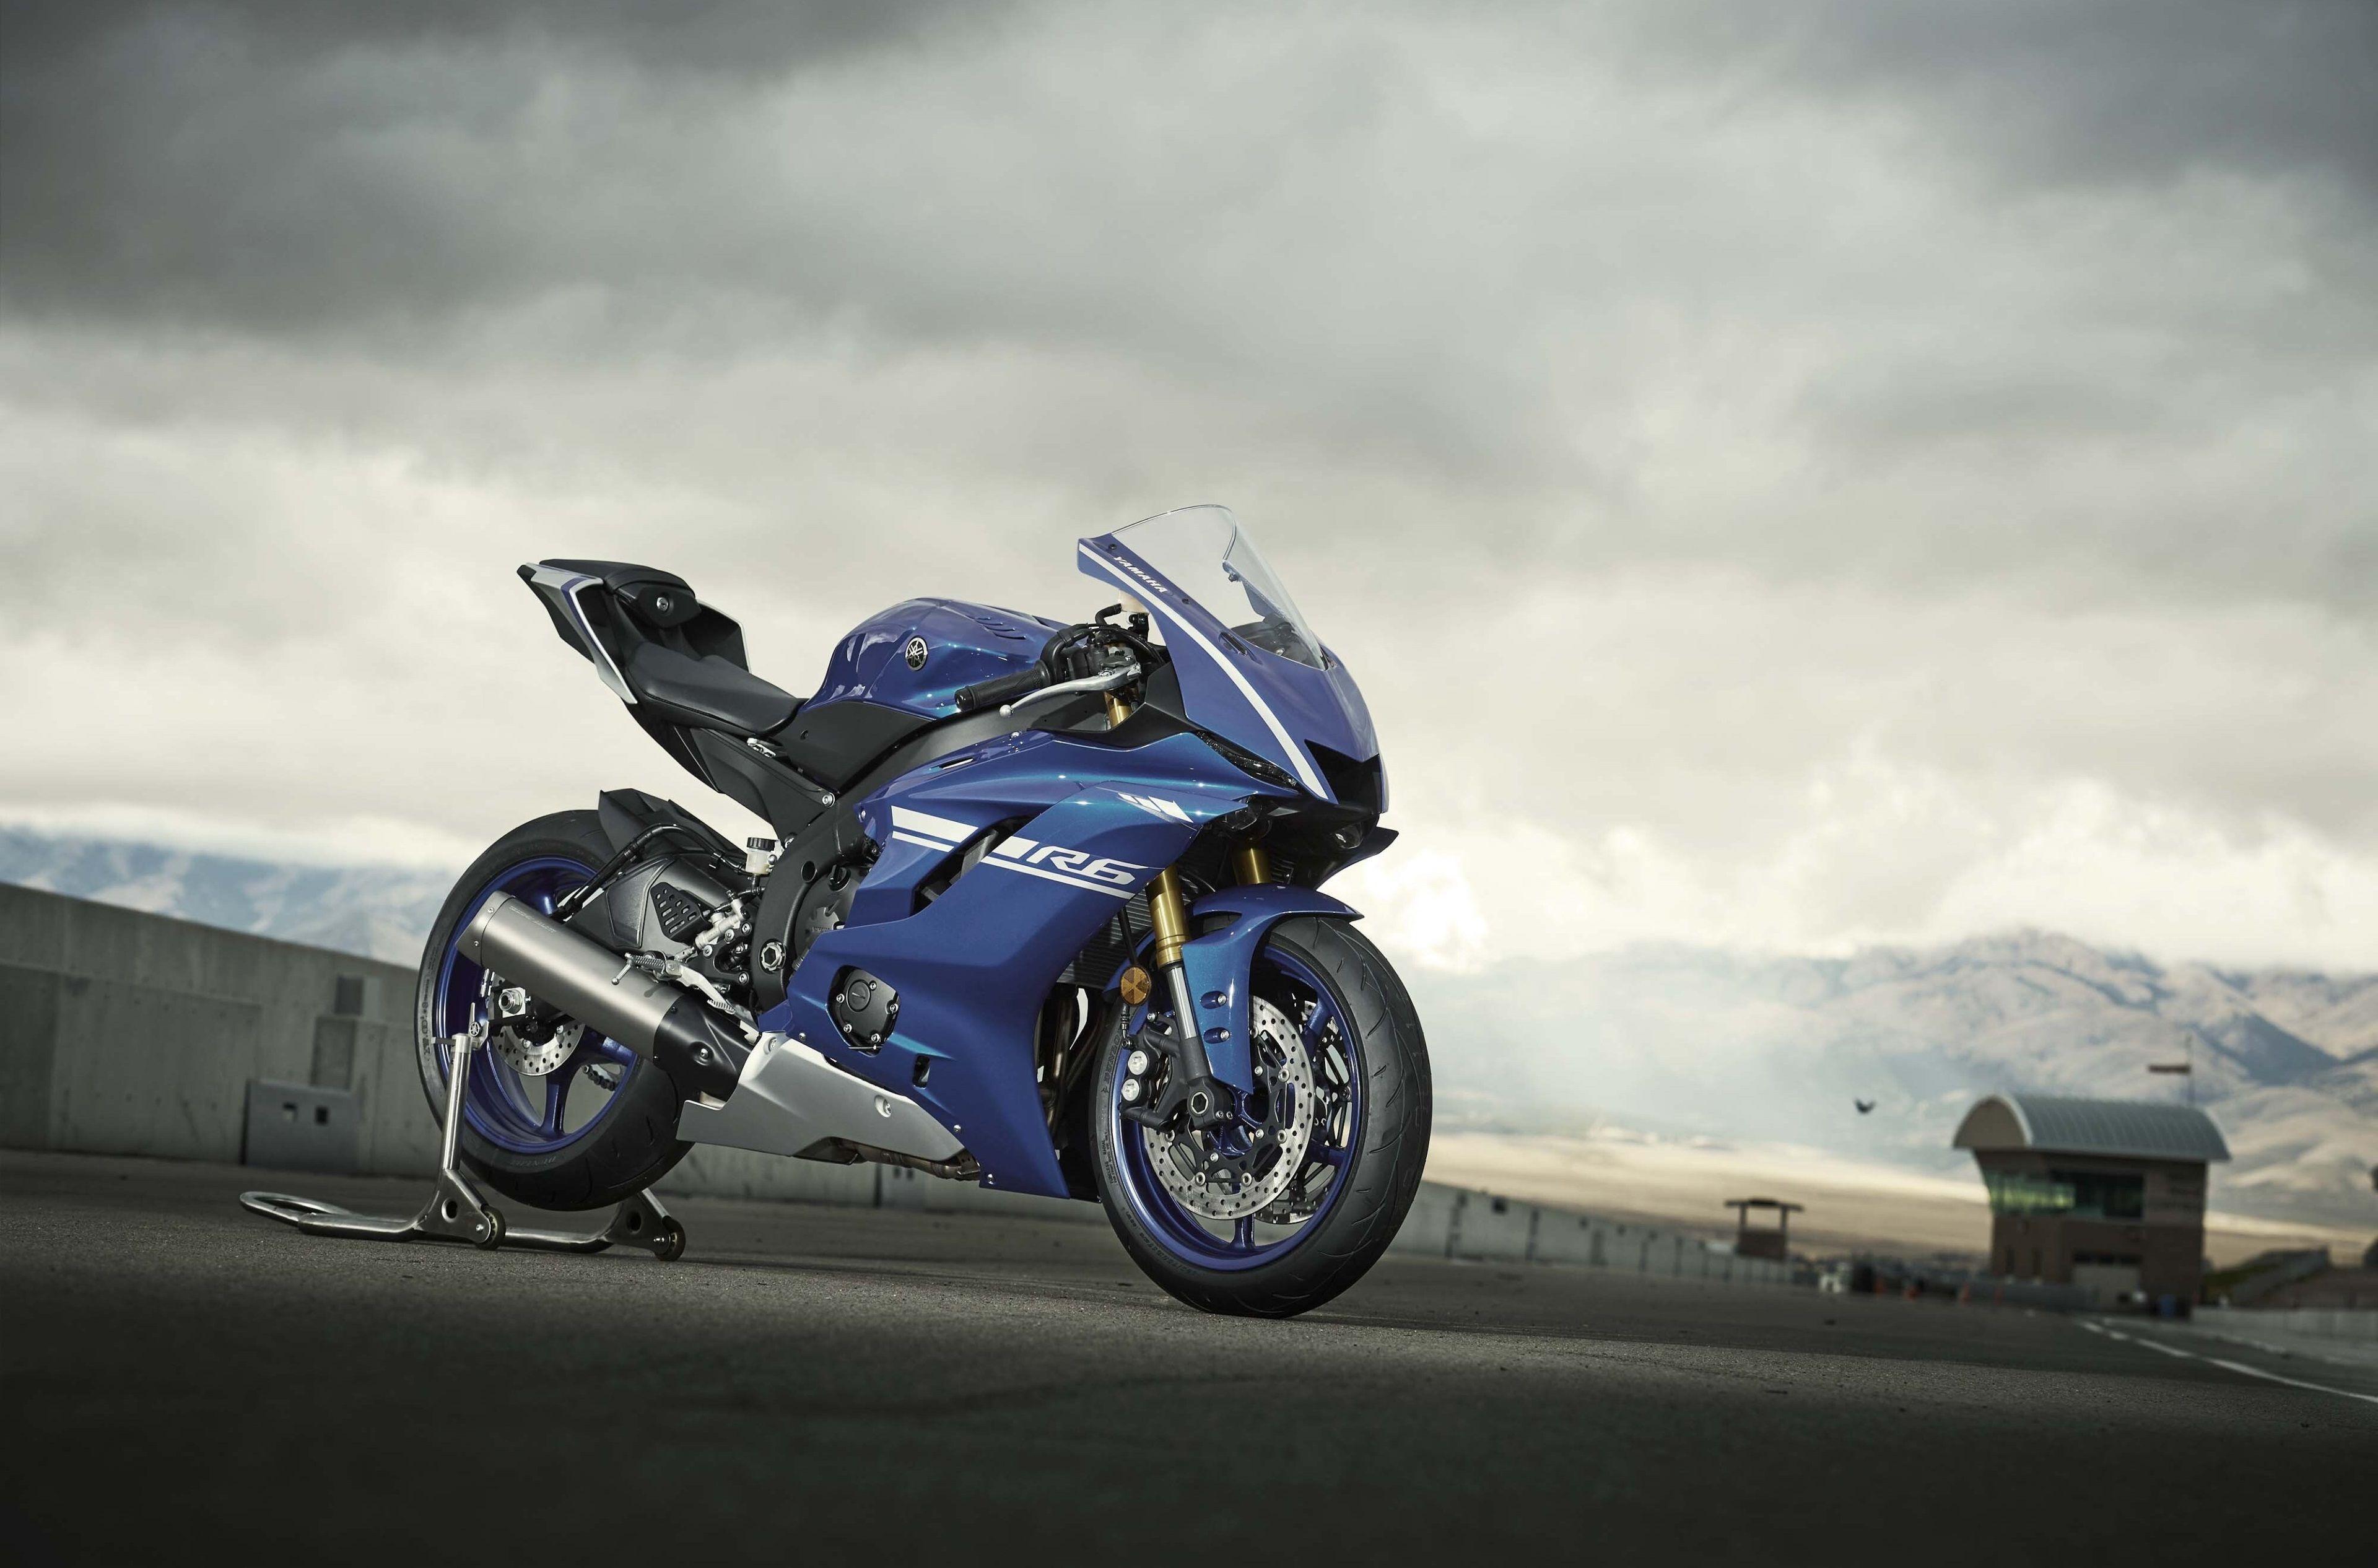 Yamaha R6 4k Wallpapers Top Free Yamaha R6 4k Backgrounds Wallpaperaccess